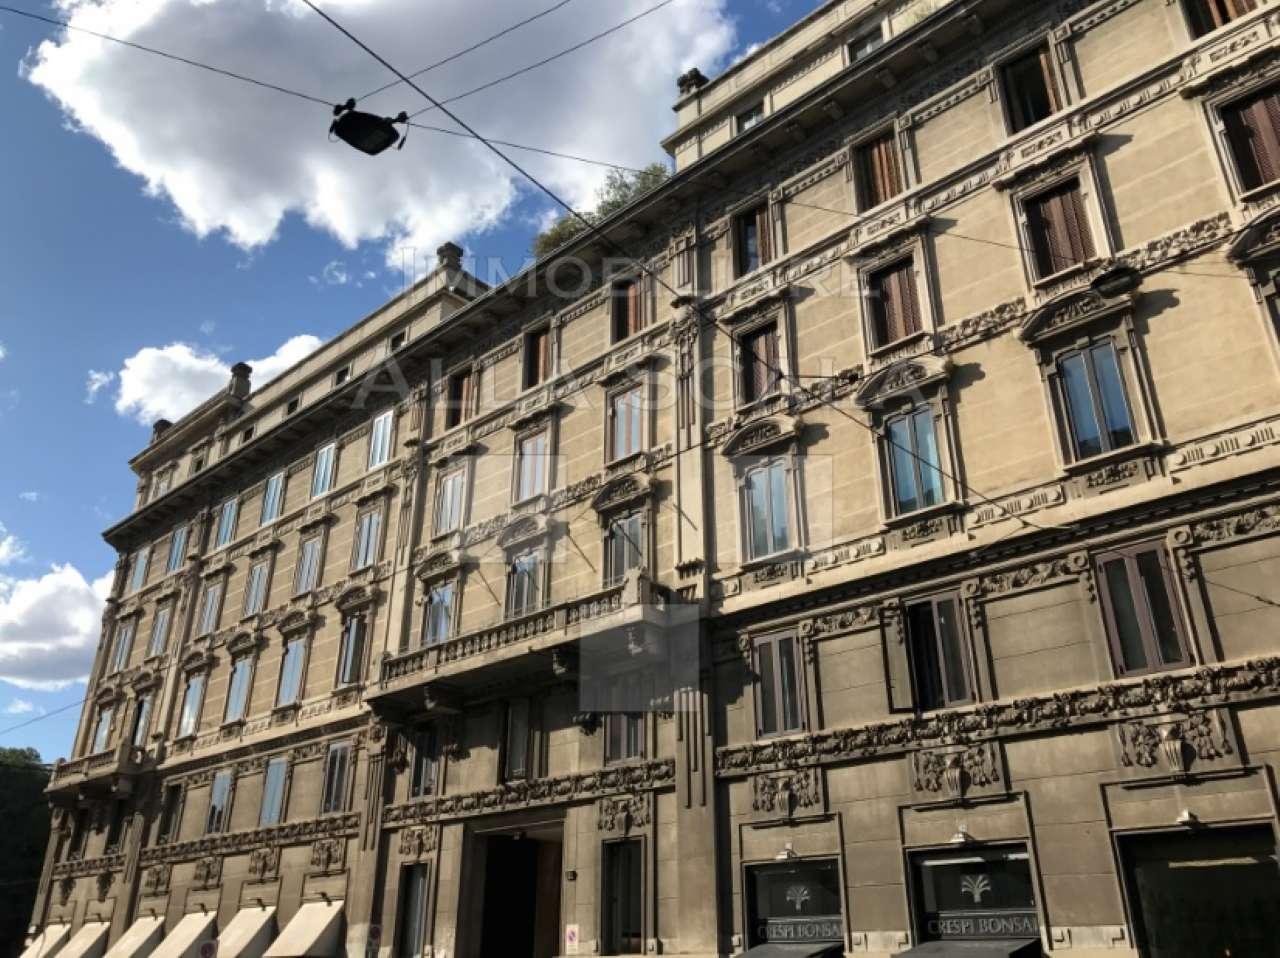 Attico in Vendita a Milano: 5 locali, 275 mq - Foto 5